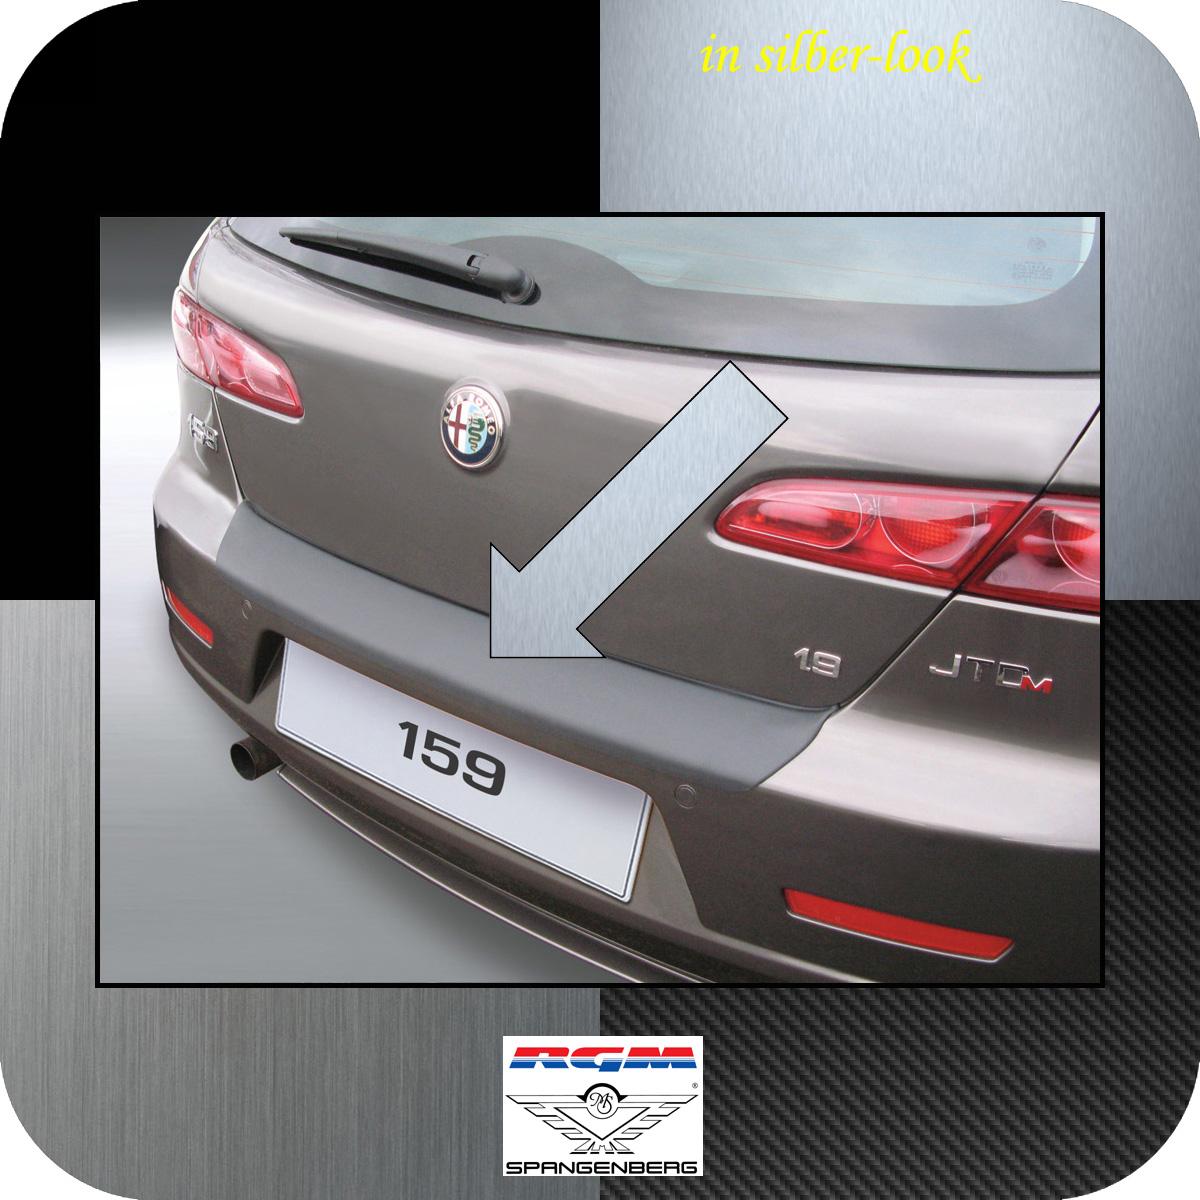 Ladekantenschutz Silber-Look Alfa Romeo 159 Sportwagon Kombi 2006-2011 3506499